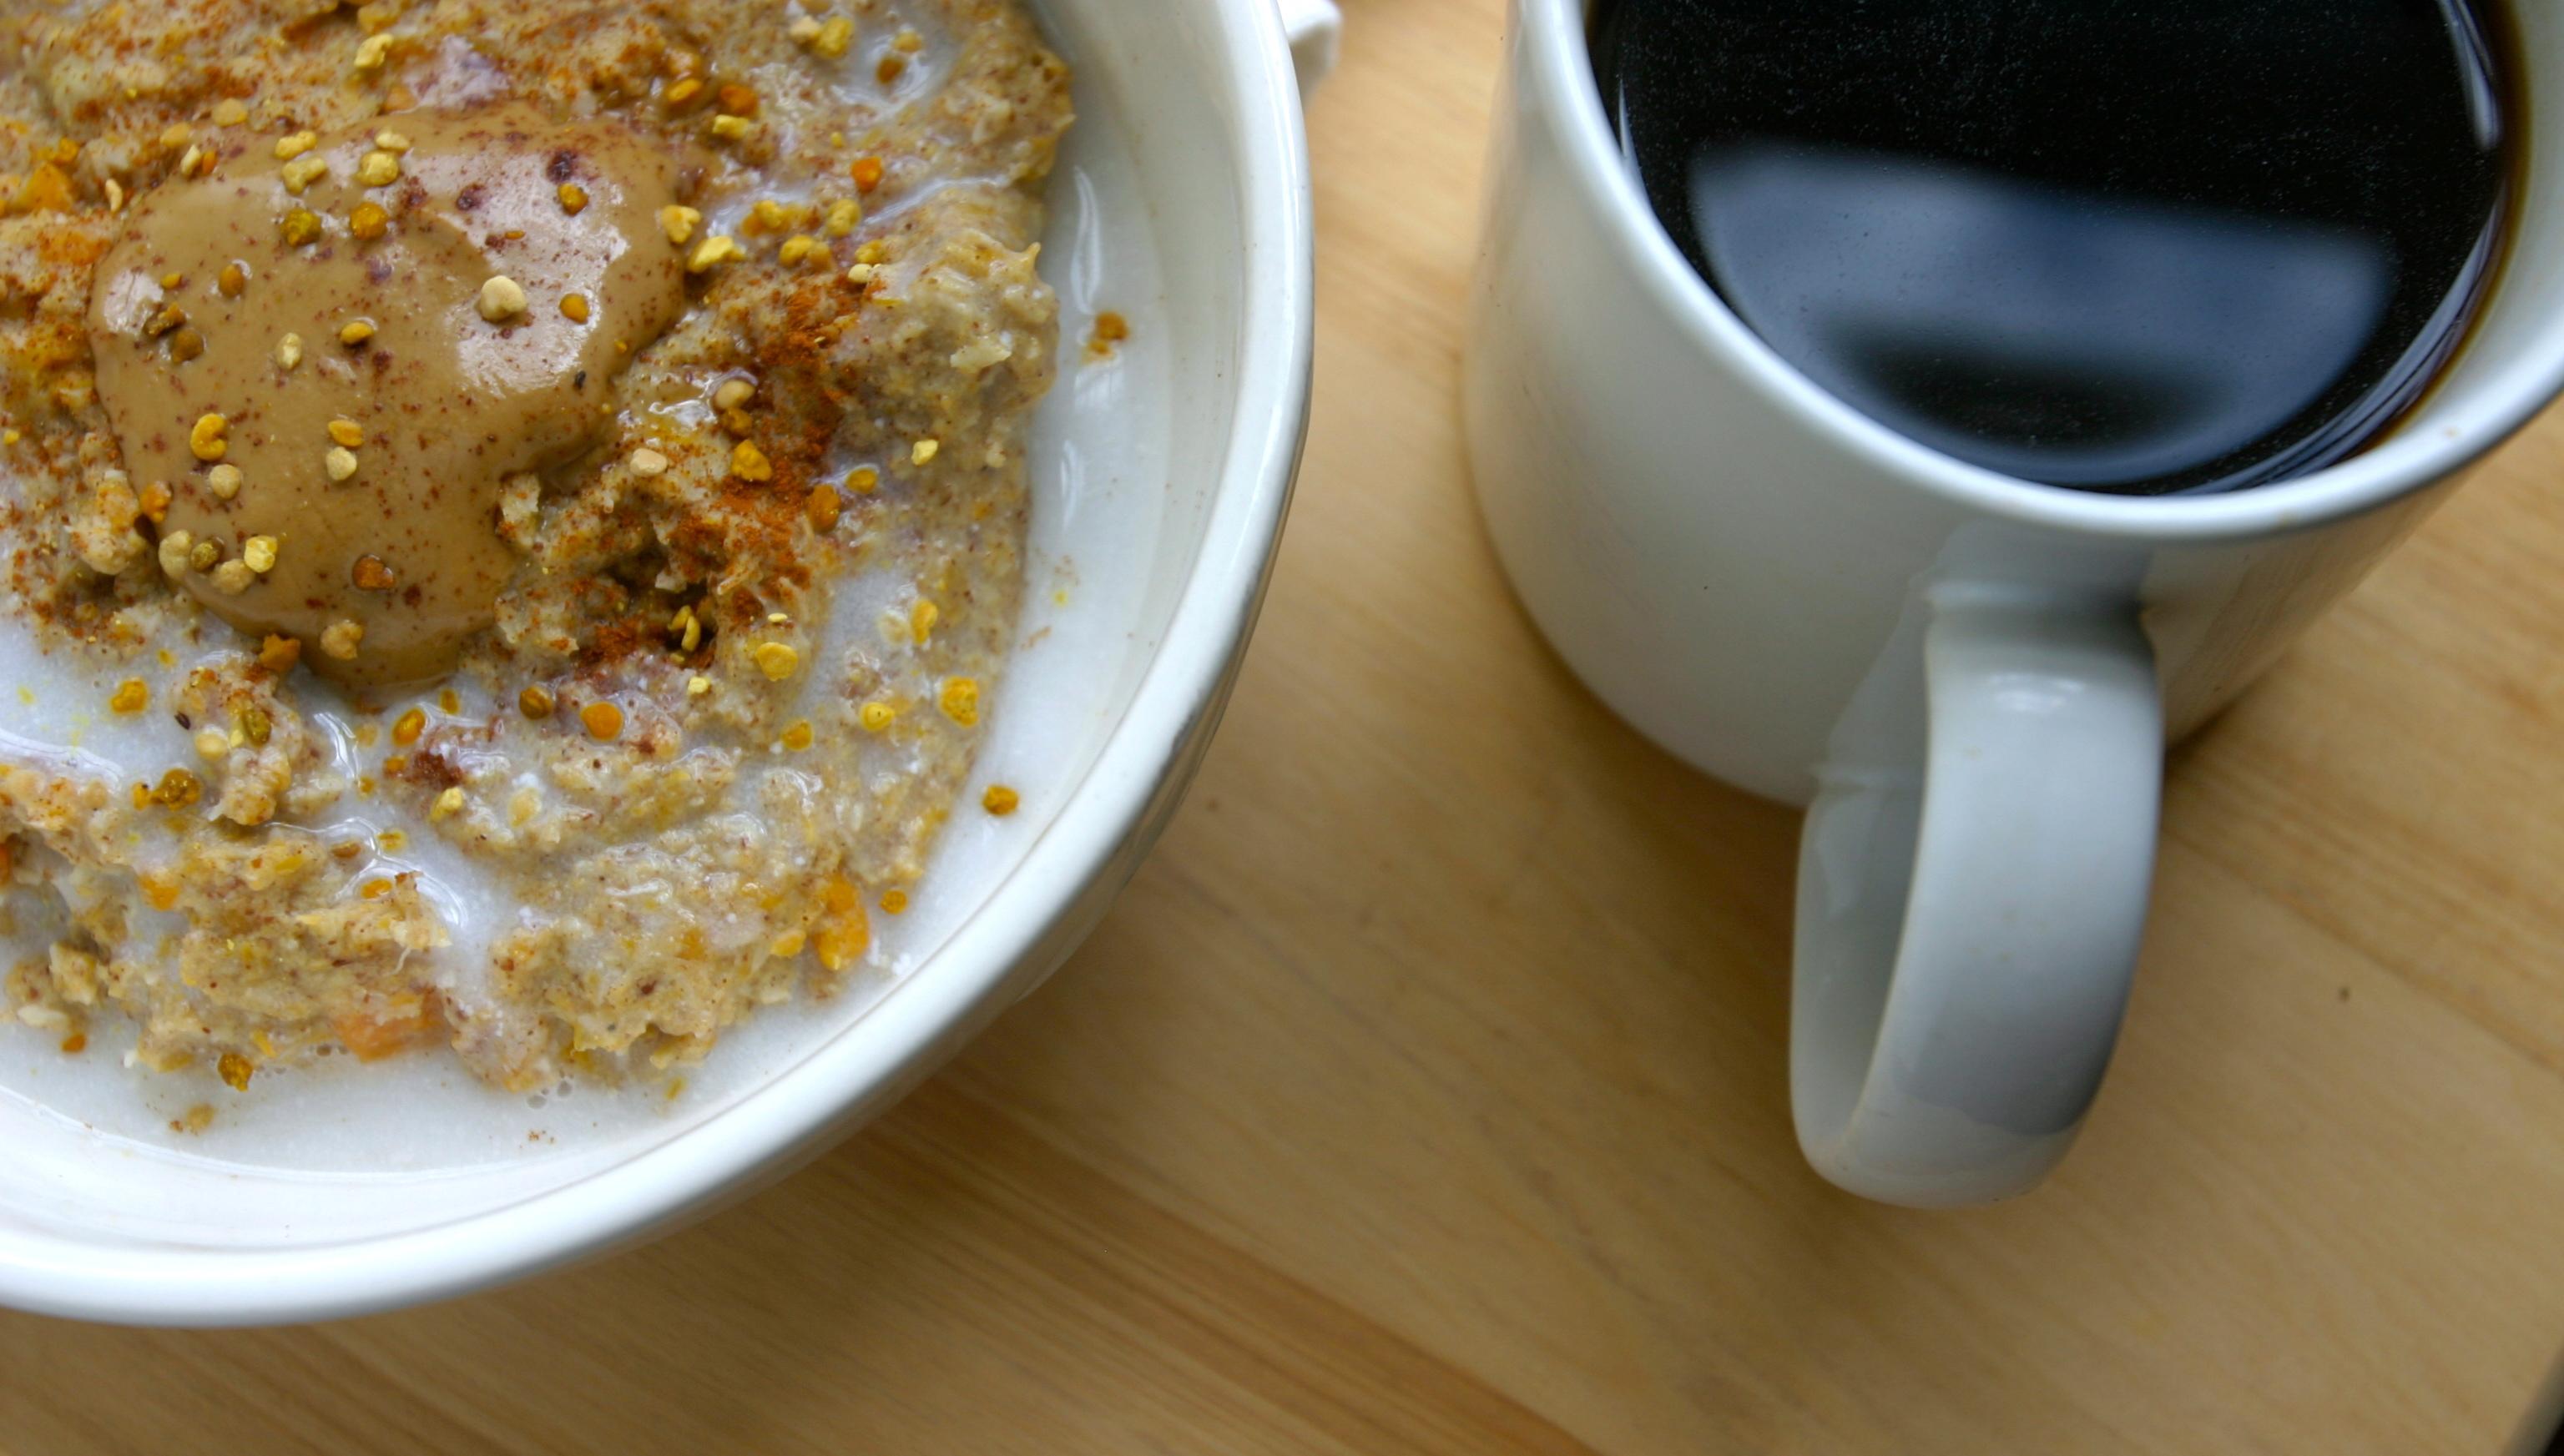 paleo n'oatmeal (grain free oatmeal, paleo oatmeal)